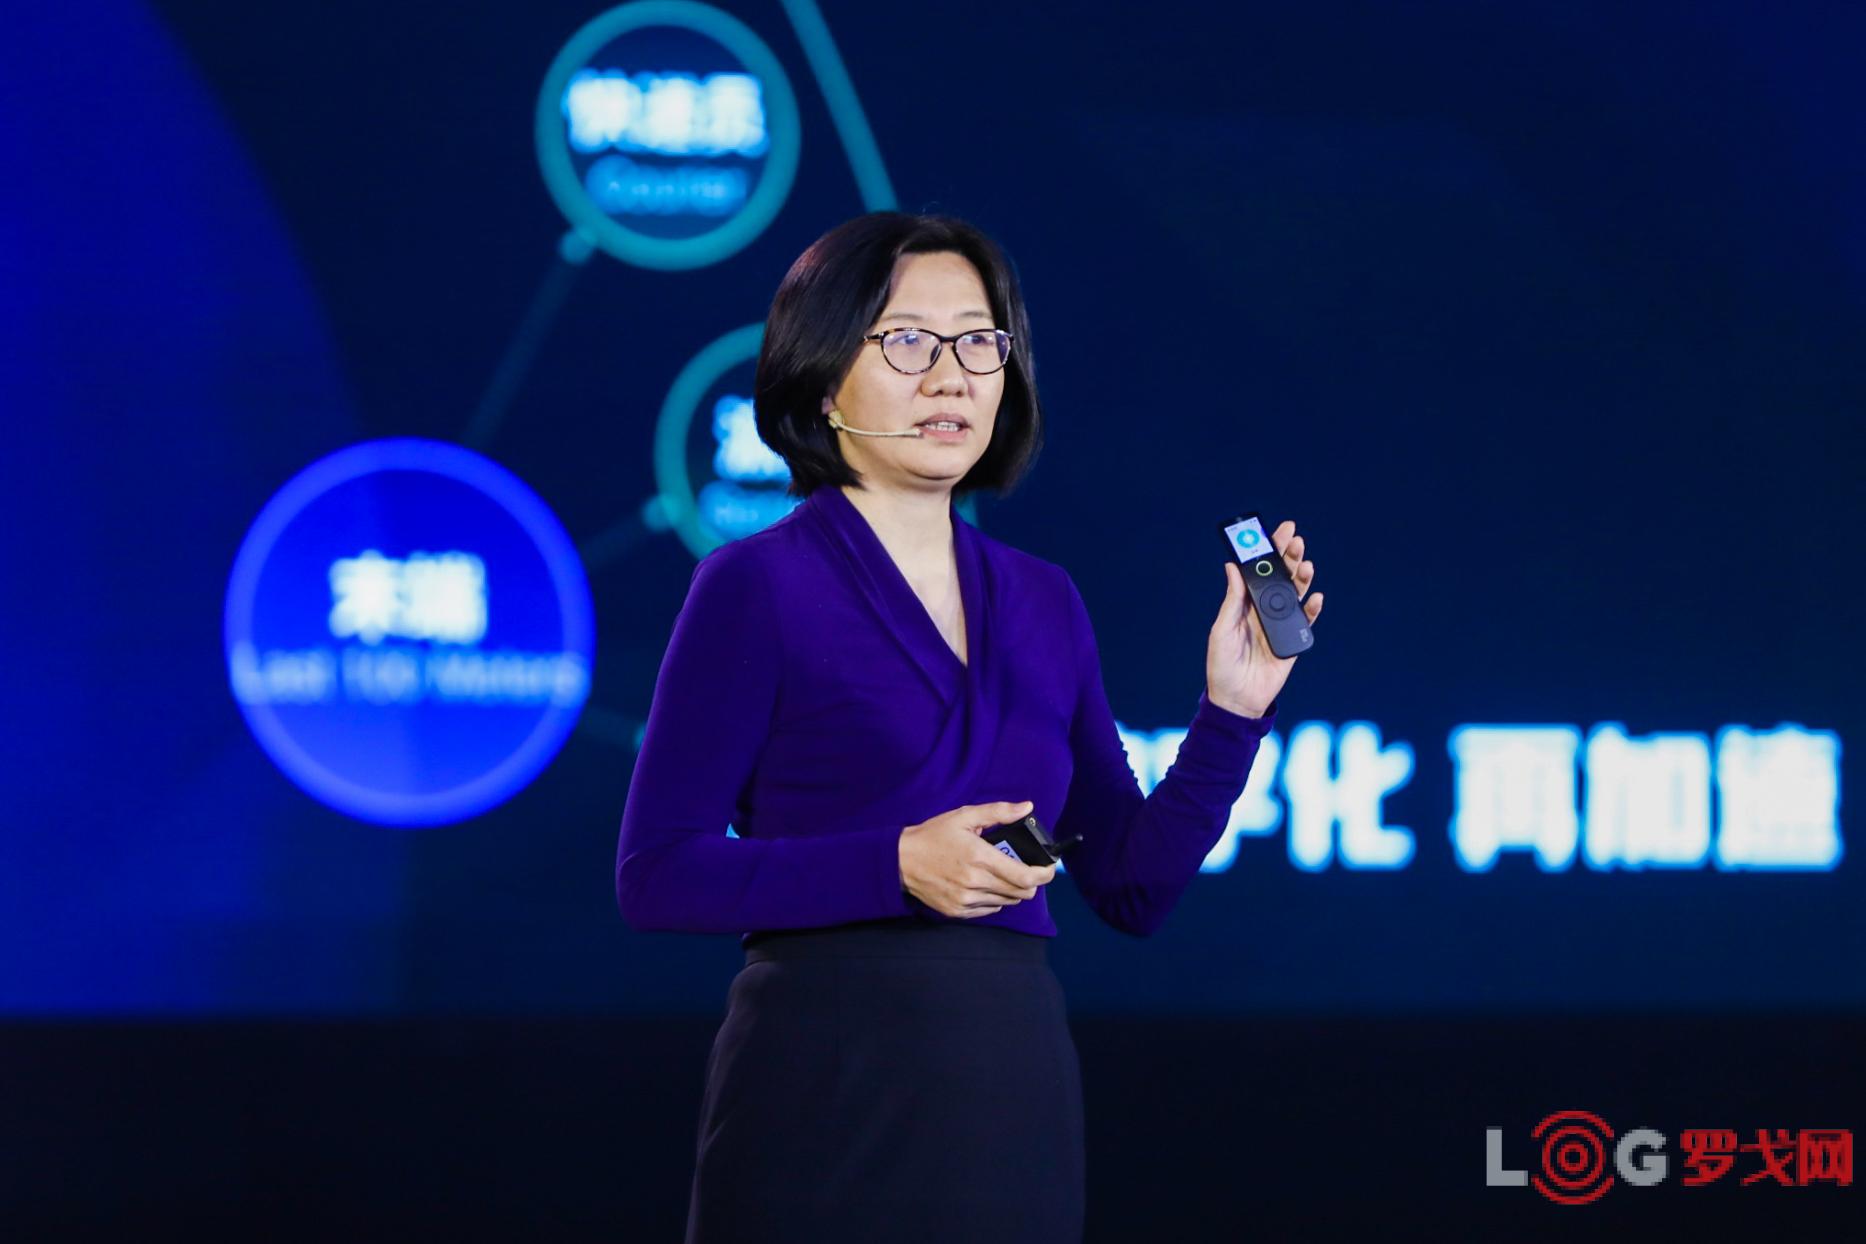 """菜鸟发布物流IoT开放平台 打造""""每家公司用得起的普惠物联网"""""""